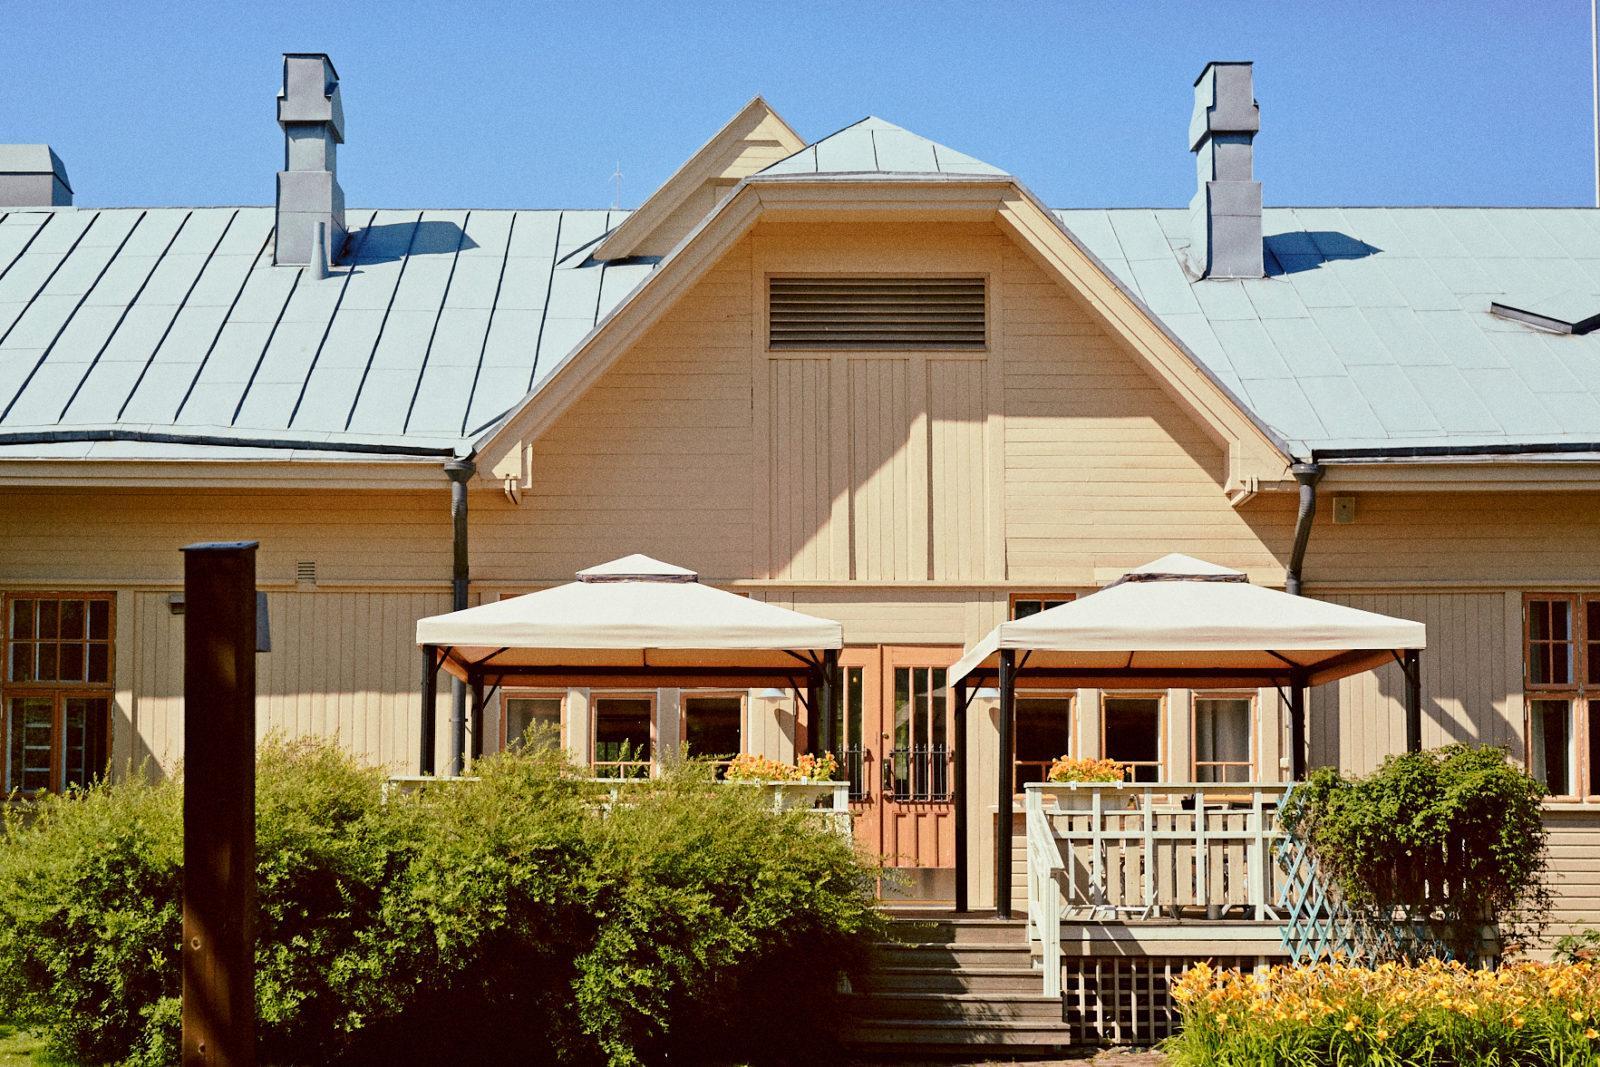 Kesäisessä kuvassa vanha asemarakennus, jossa nykyään toimii Wanha asema niminen lounas- ja tilausravintola.